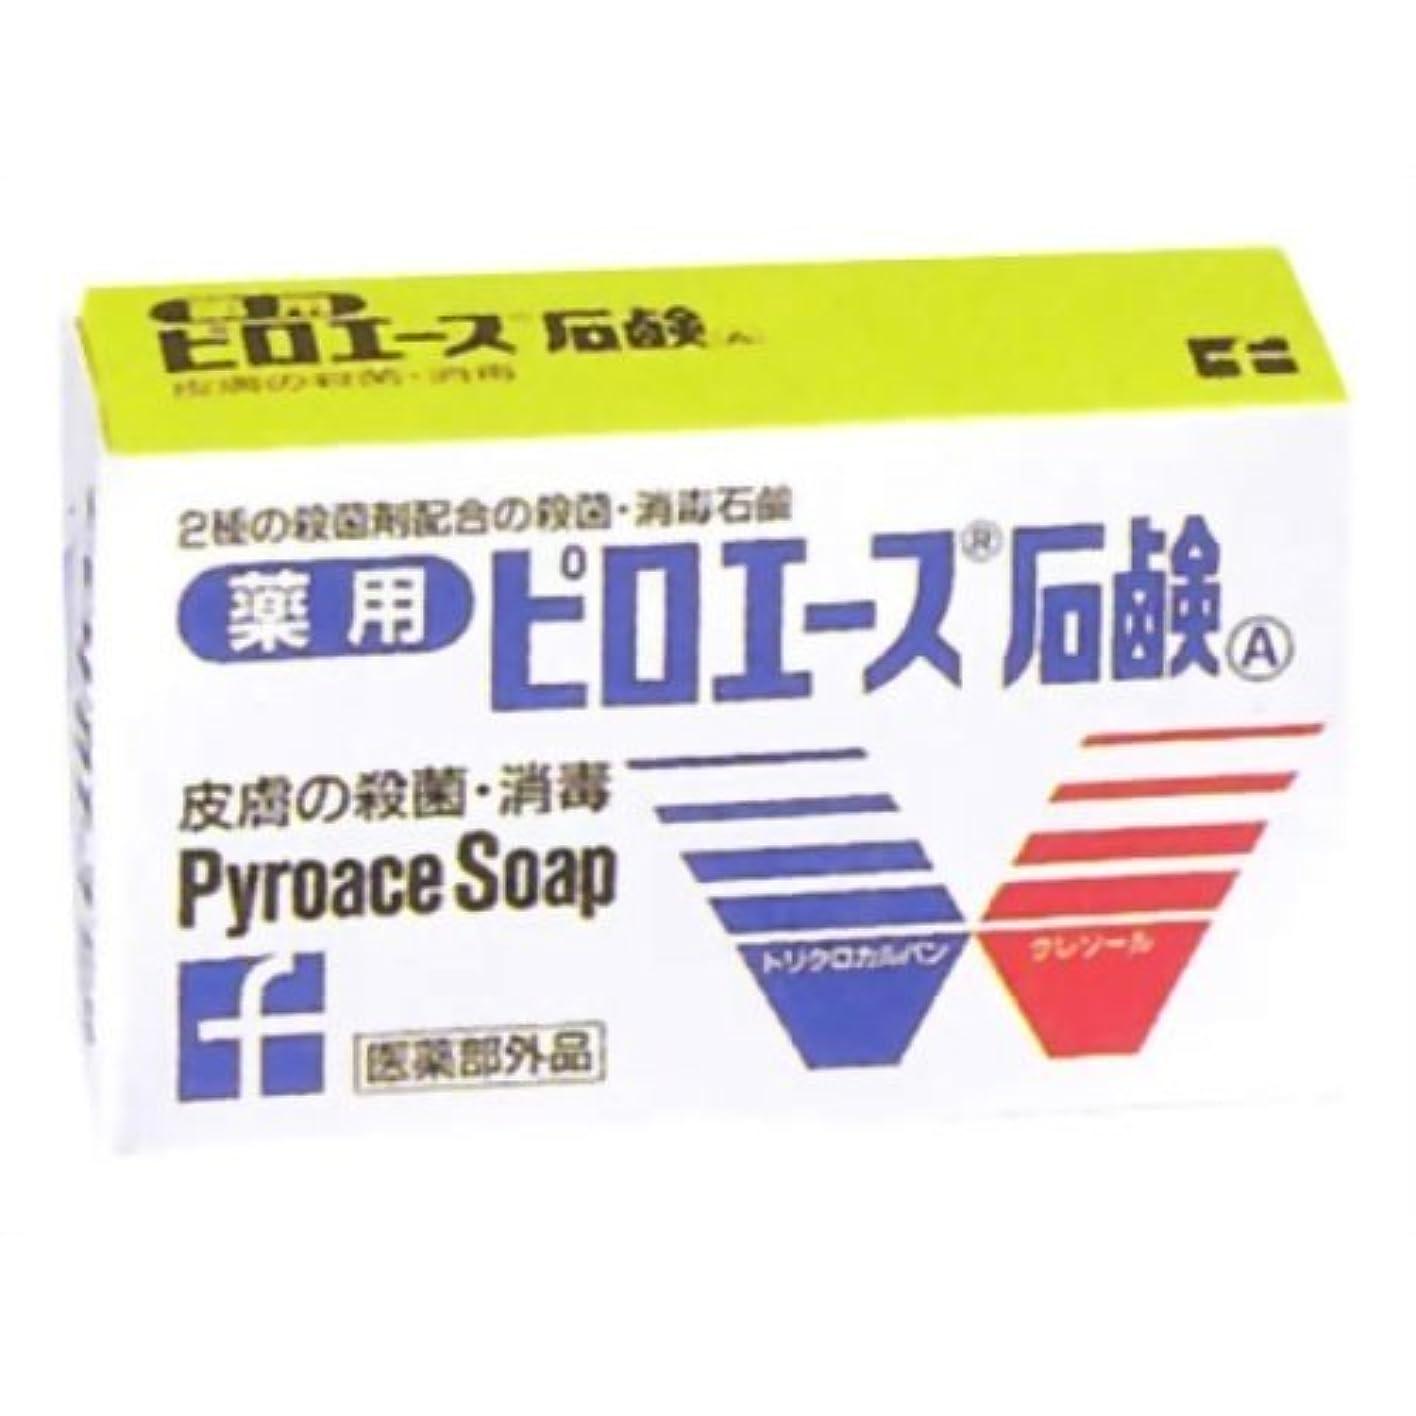 量で王位乱気流【第一三共ヘルスケア】ピロエース石鹸 70g